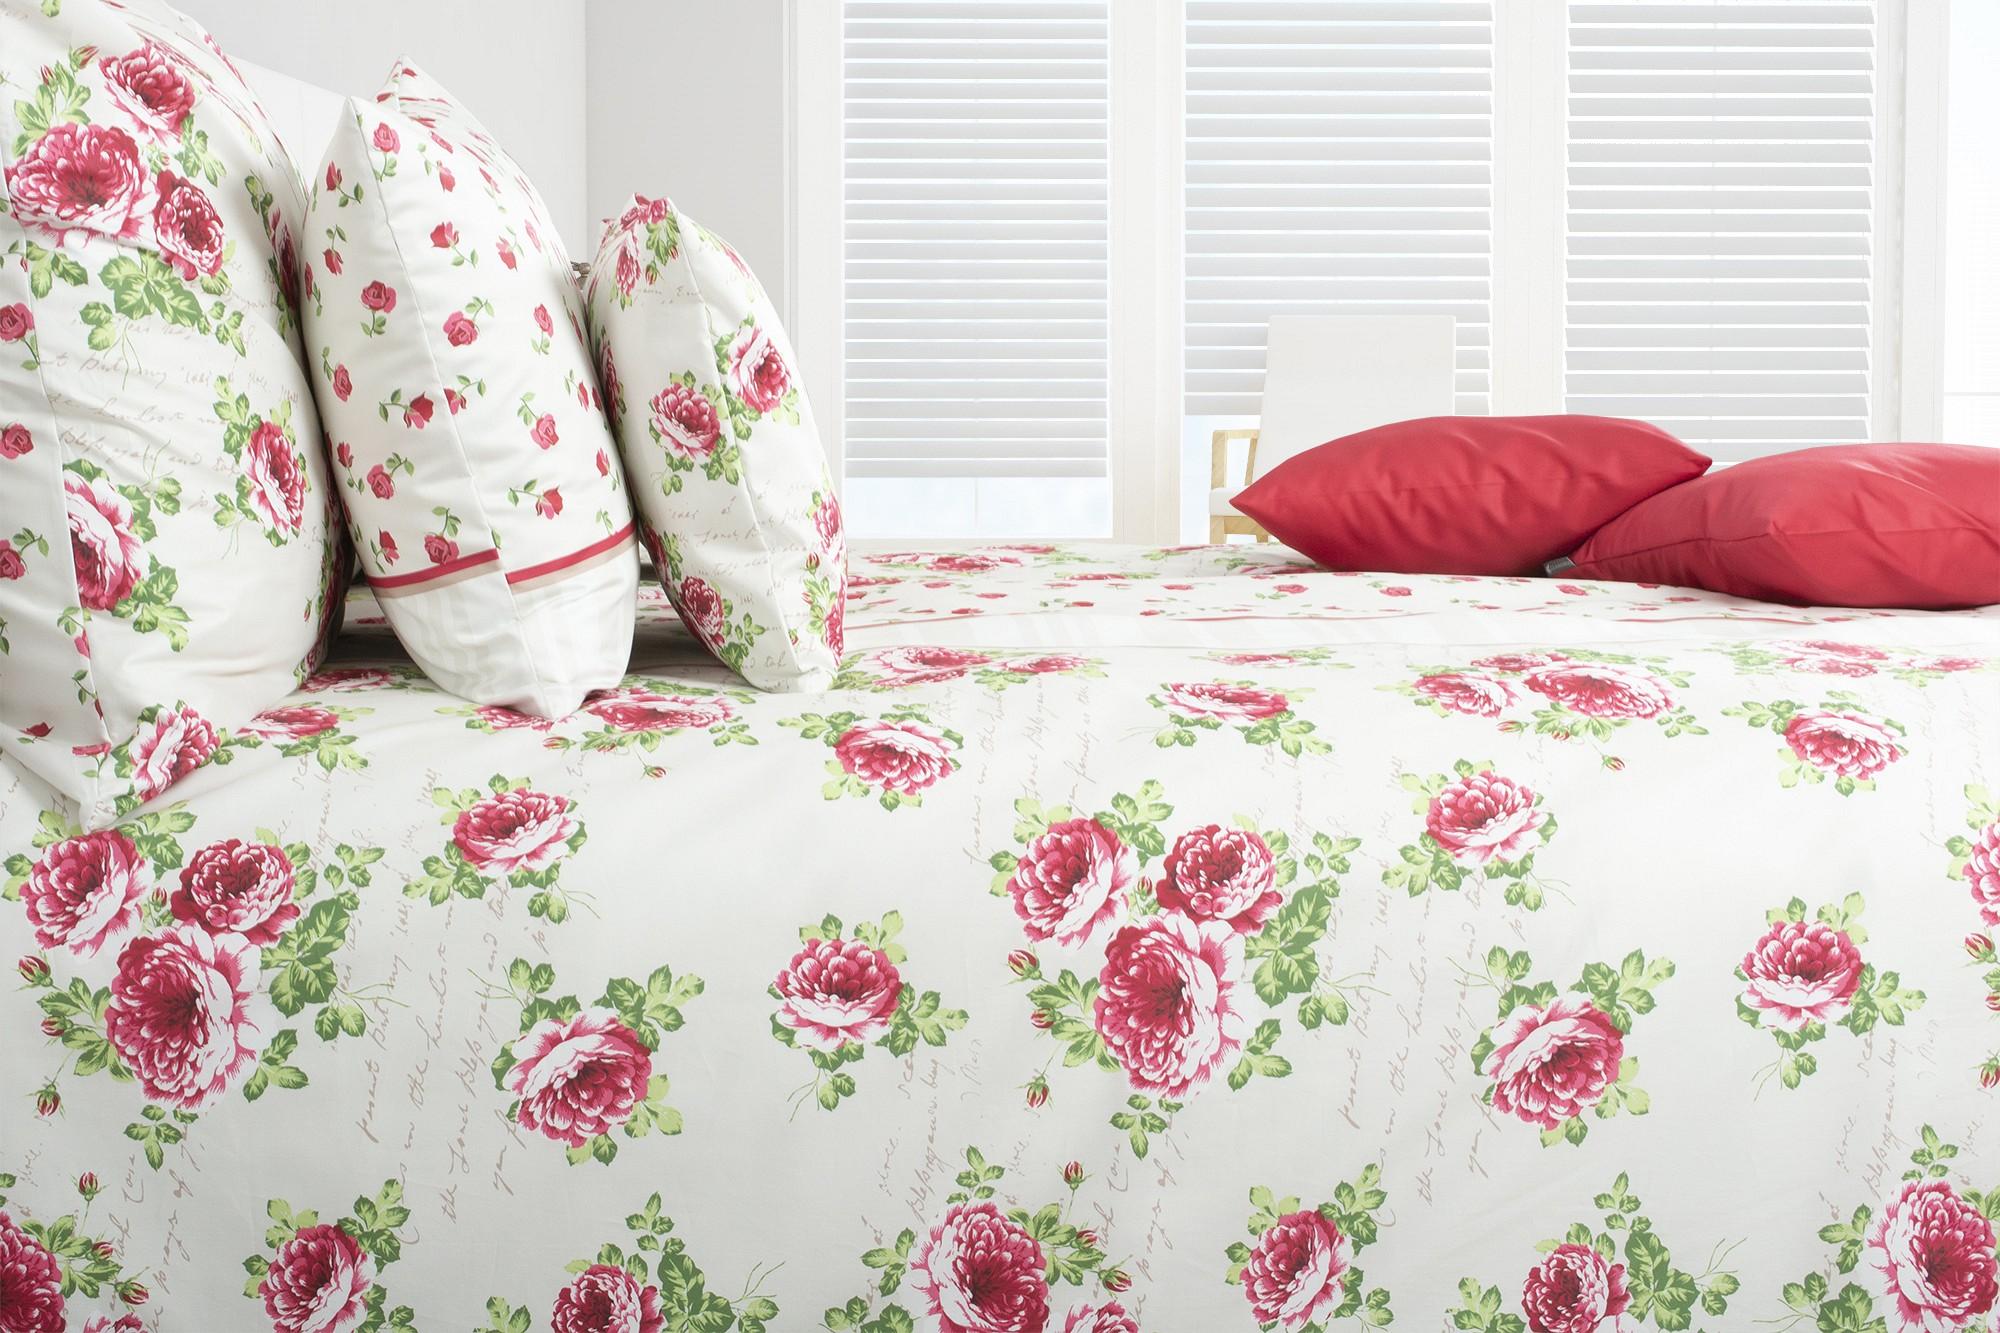 Bettwasche Mit Rosenbluten